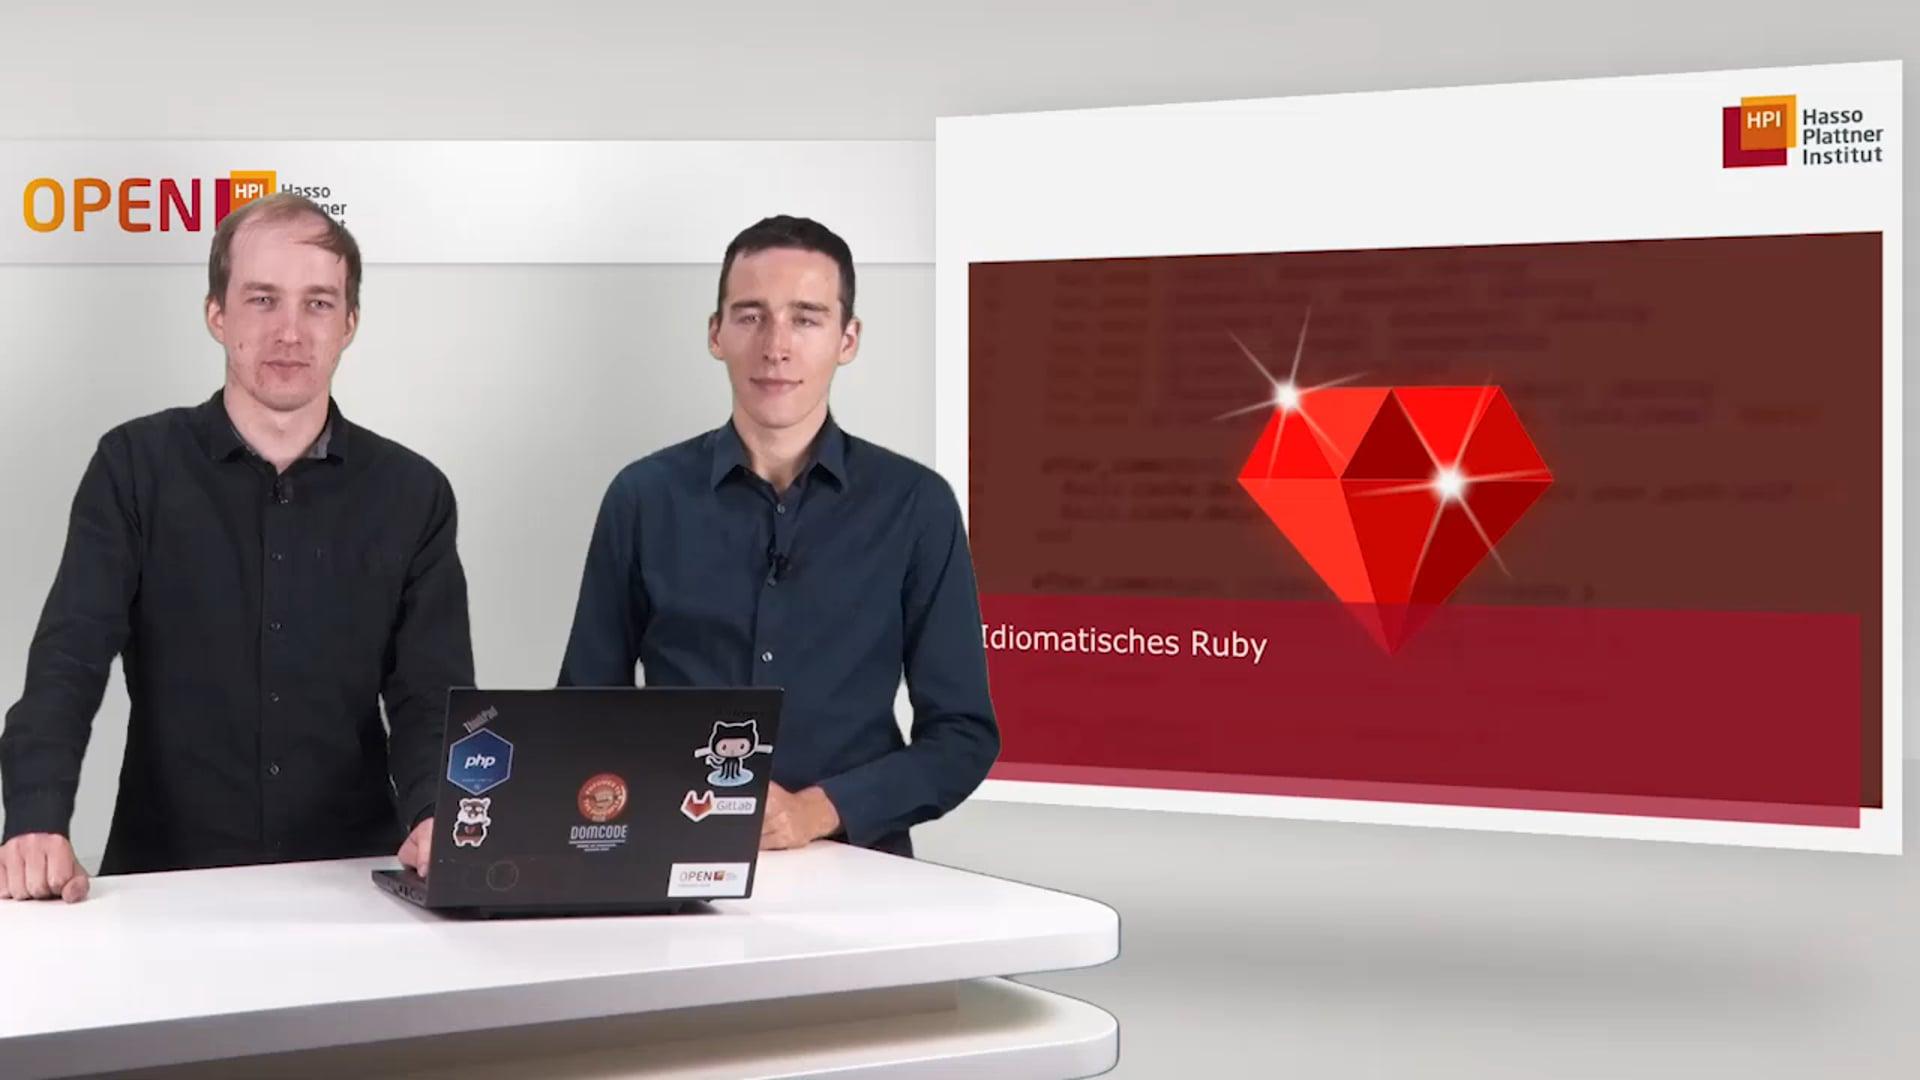 3.8 Idiomatisches Ruby